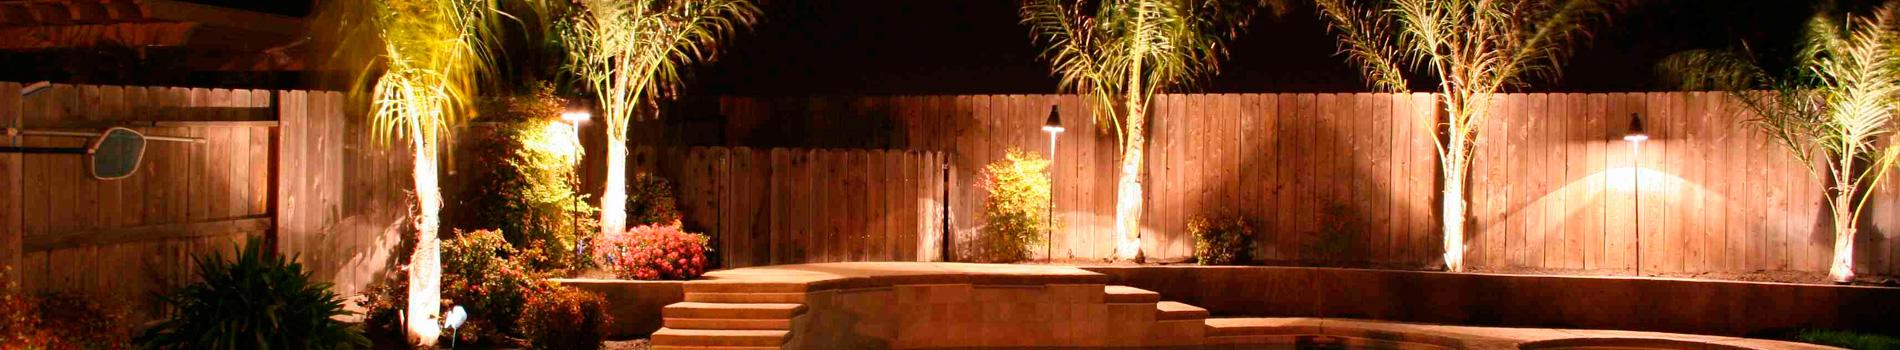 Lumipro iluminacion de exterior monterrey iluminacion para for Luces exterior jardin